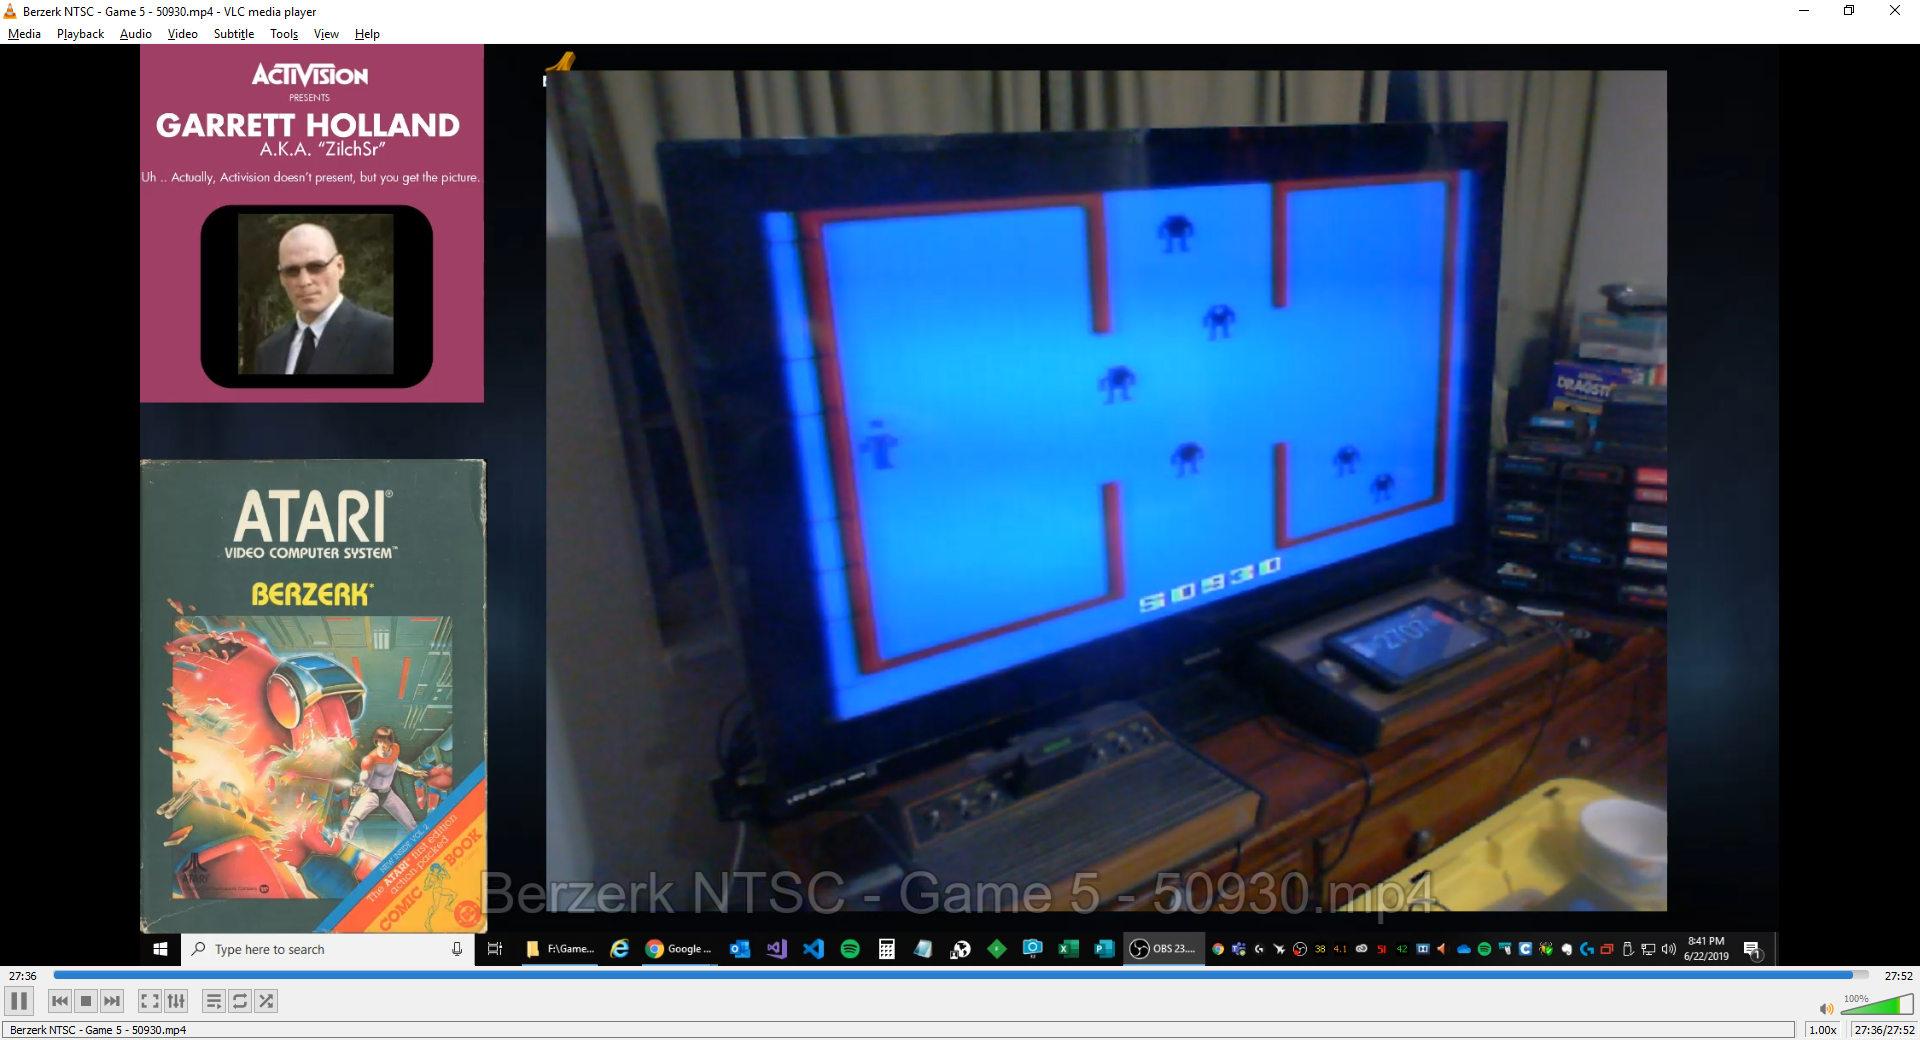 ZilchSr: Berzerk: Game 5 (Atari 2600) 50,930 points on 2019-06-22 21:04:12